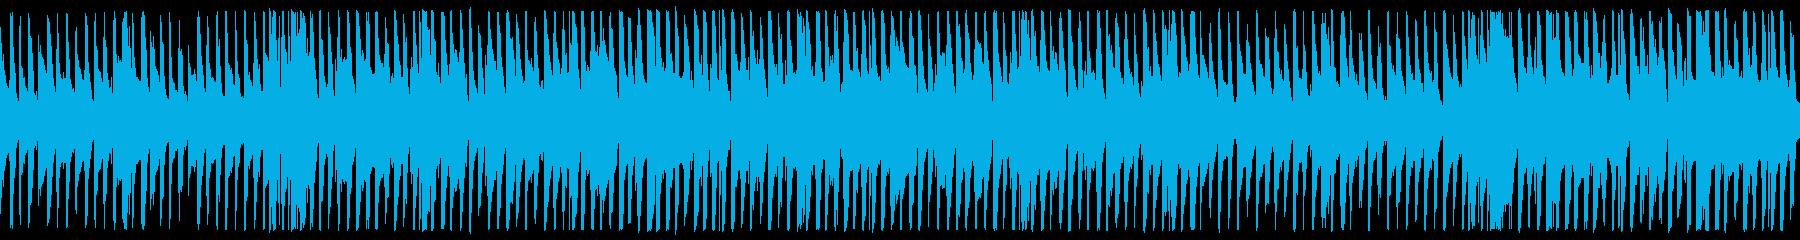 明るく爽やかなPR動画用BGMの再生済みの波形